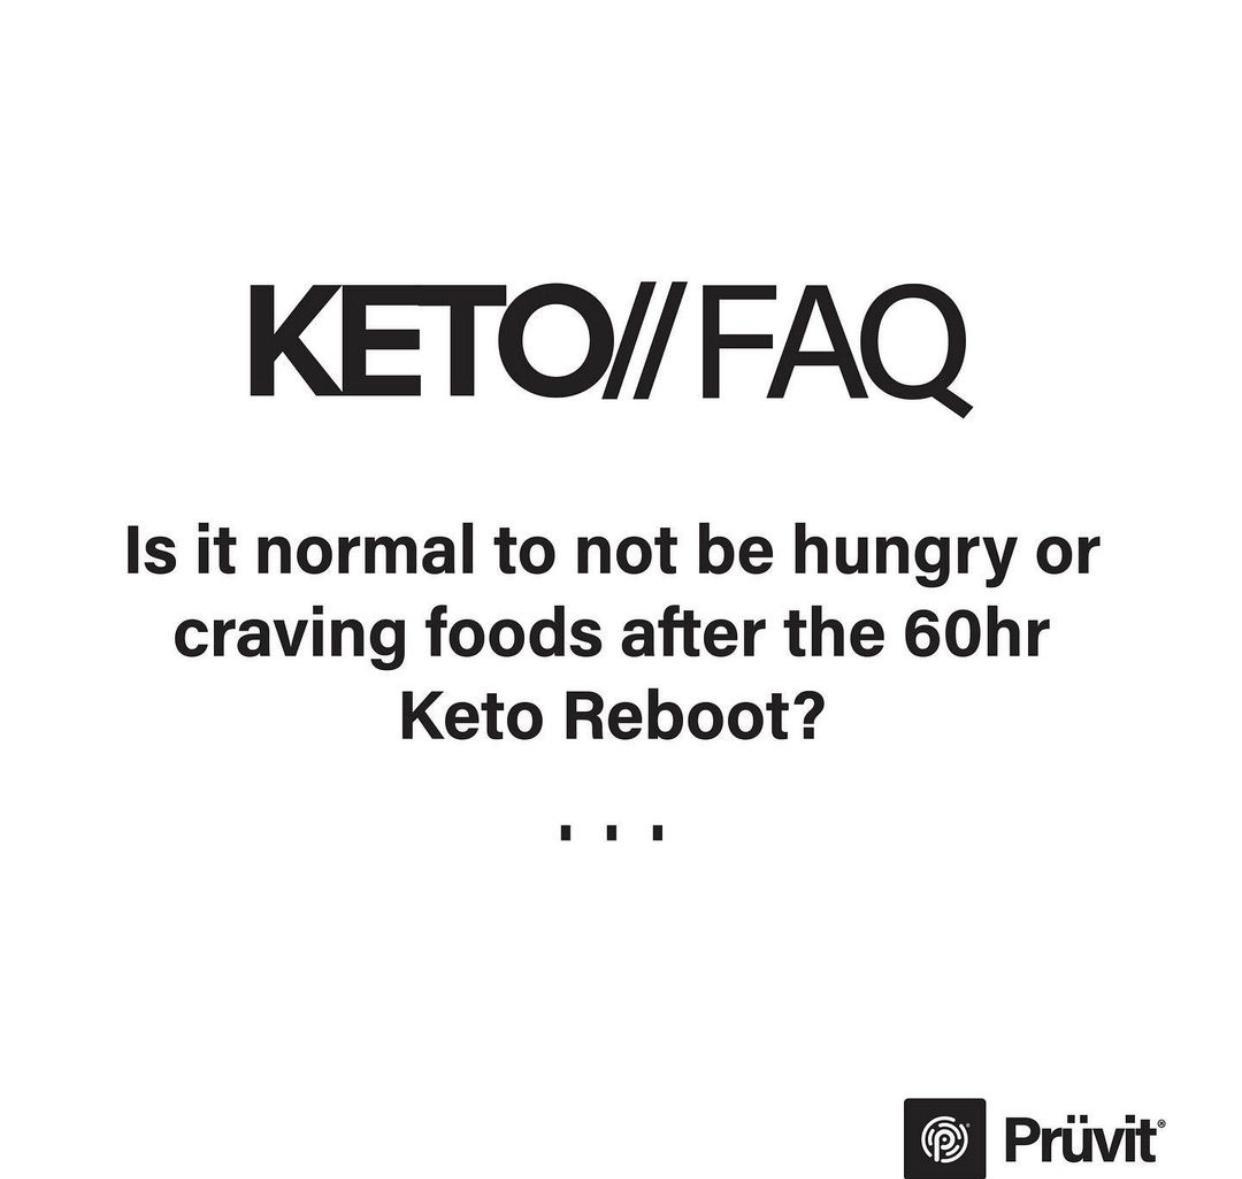 Keto FAQ